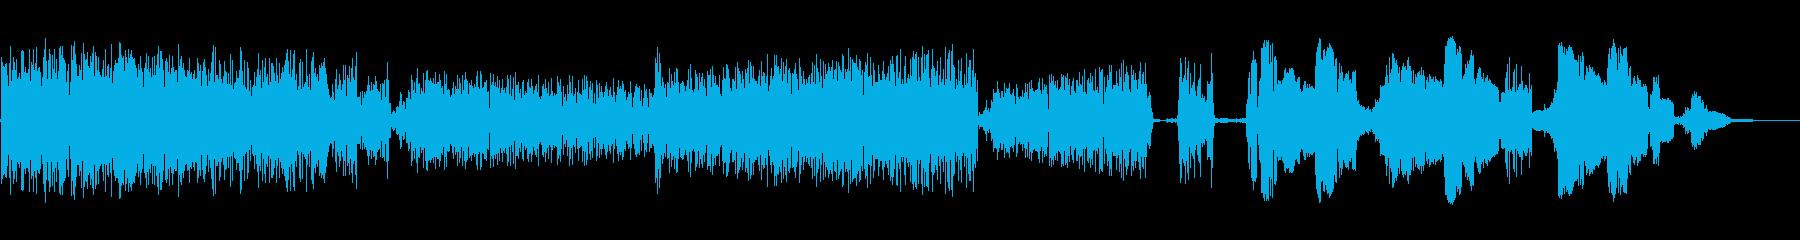 静電スワイプ5の再生済みの波形